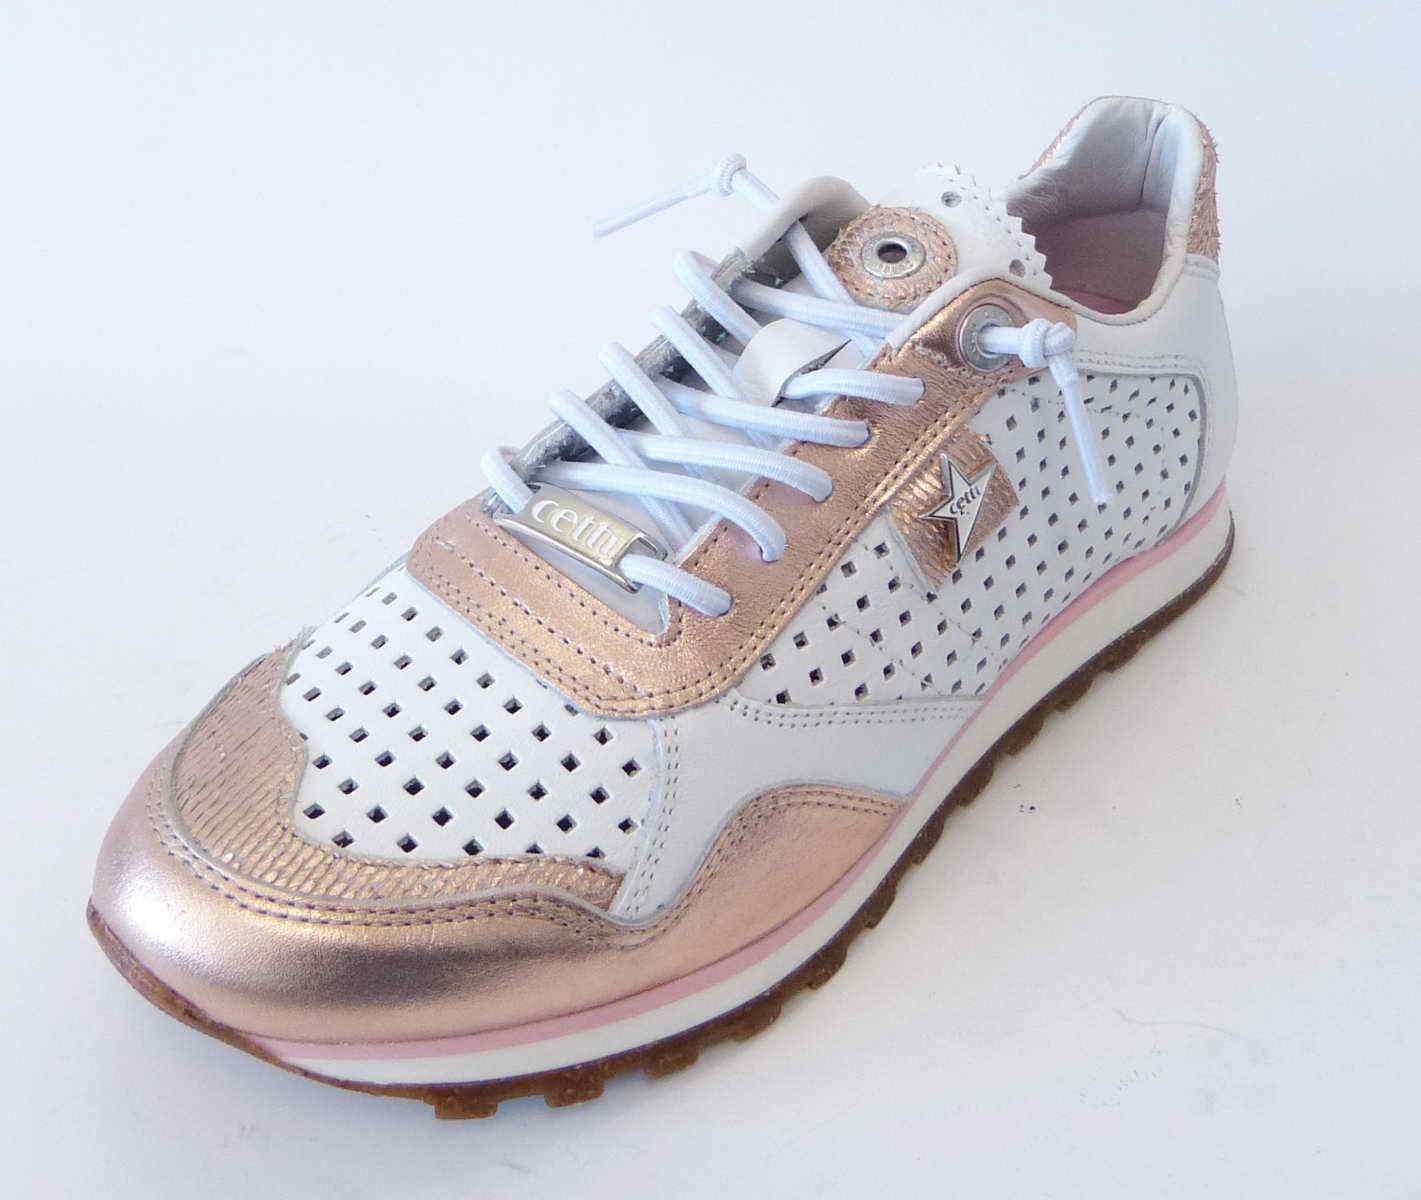 Cómodo y bien parecido Barato y cómodo Cetti Sneaker C848 weiß blanco rose platino Leder Gummisenkel Soft Sohle